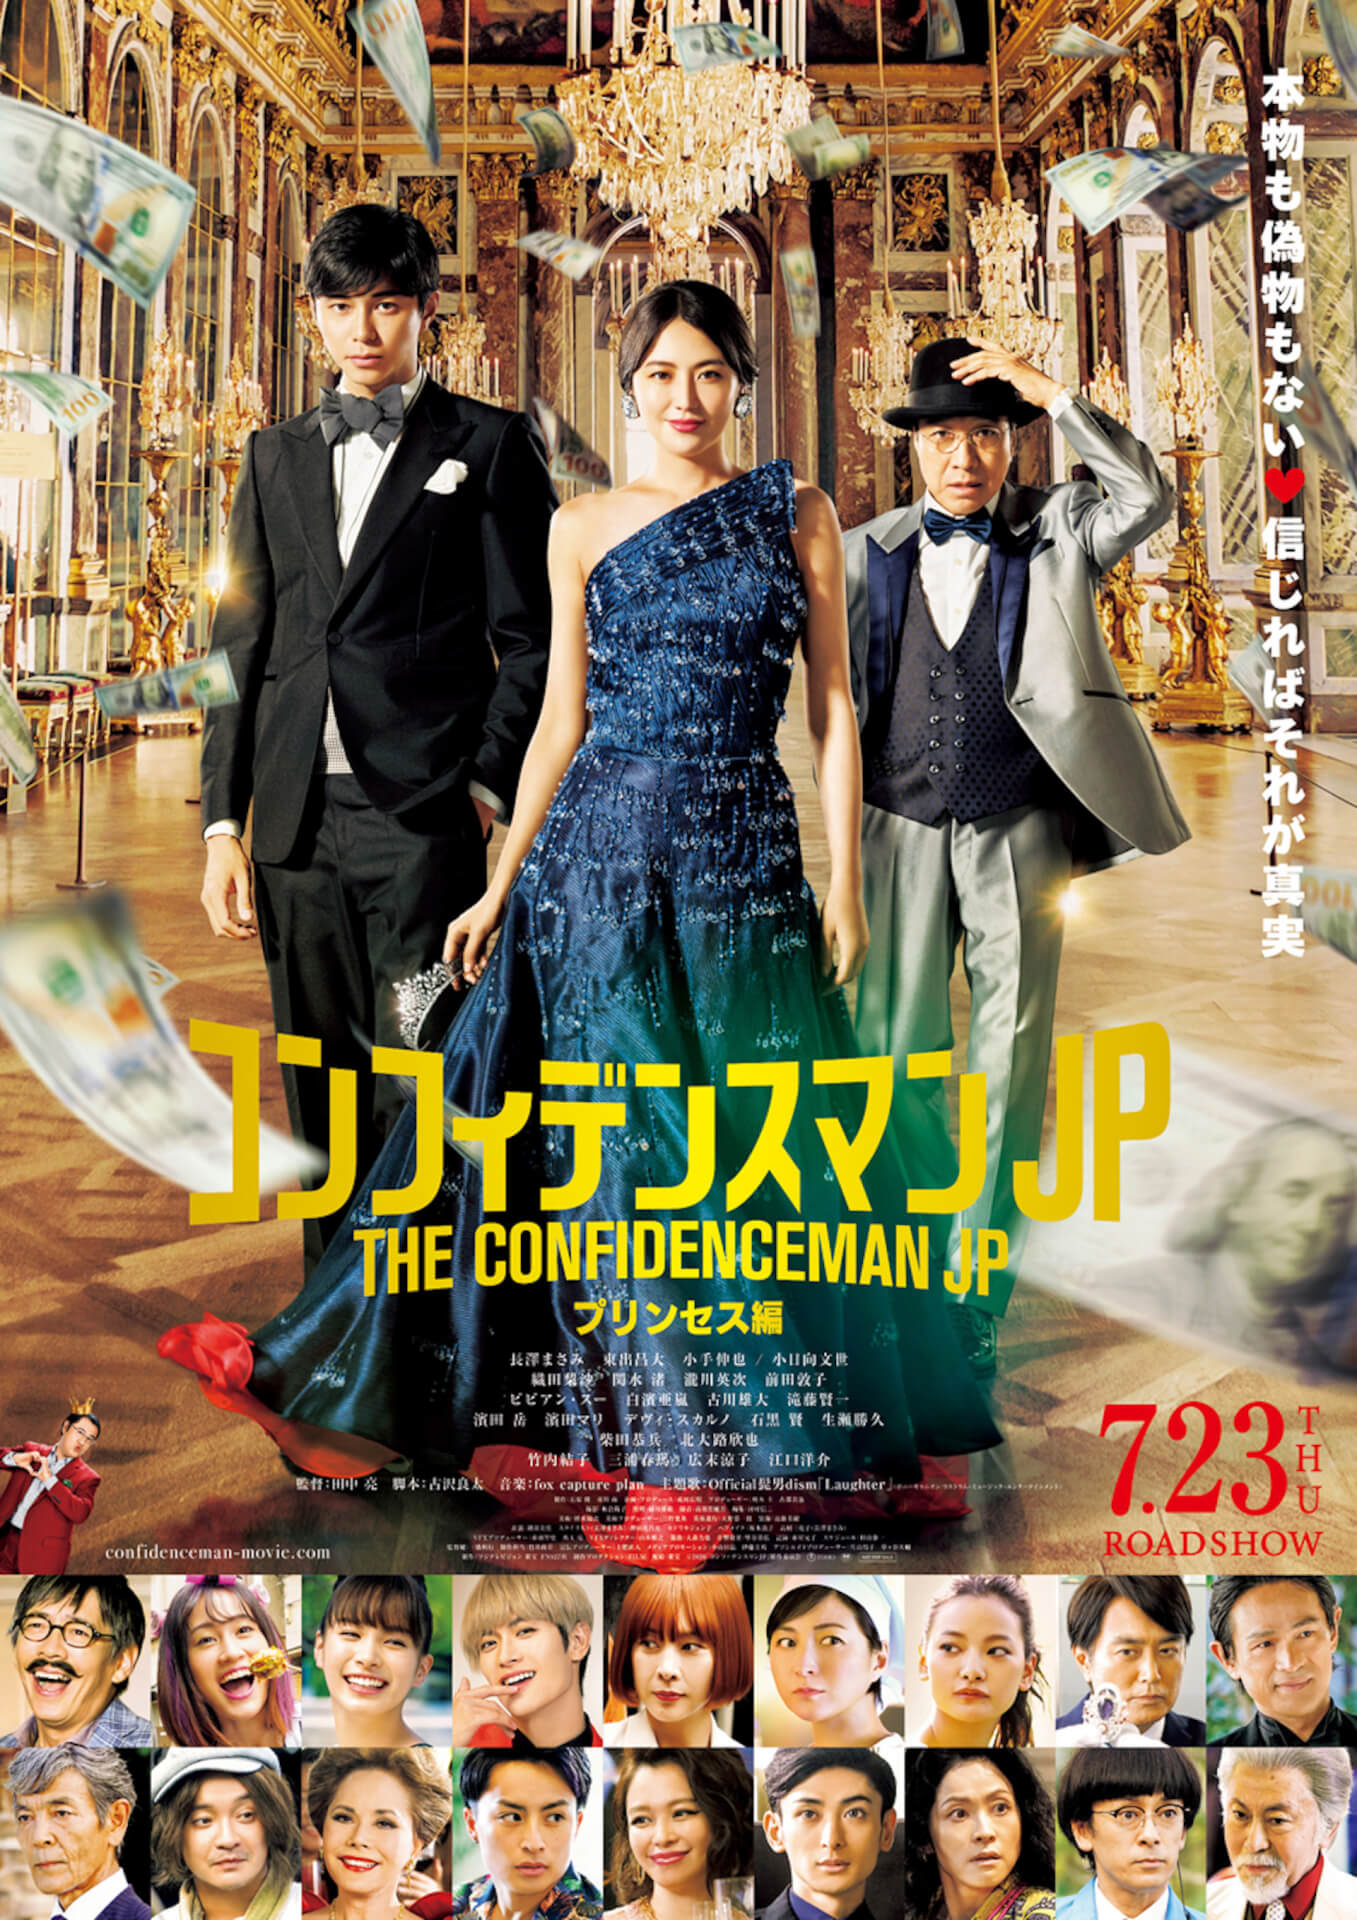 7月公開の映画で期待度が最も高いのは!?『WAVES/ウェイブス』『レイニーデイ・イン・ニューヨーク』などランクインの期待度ランキングがFilmarksで発表 film200630_movie_july_4